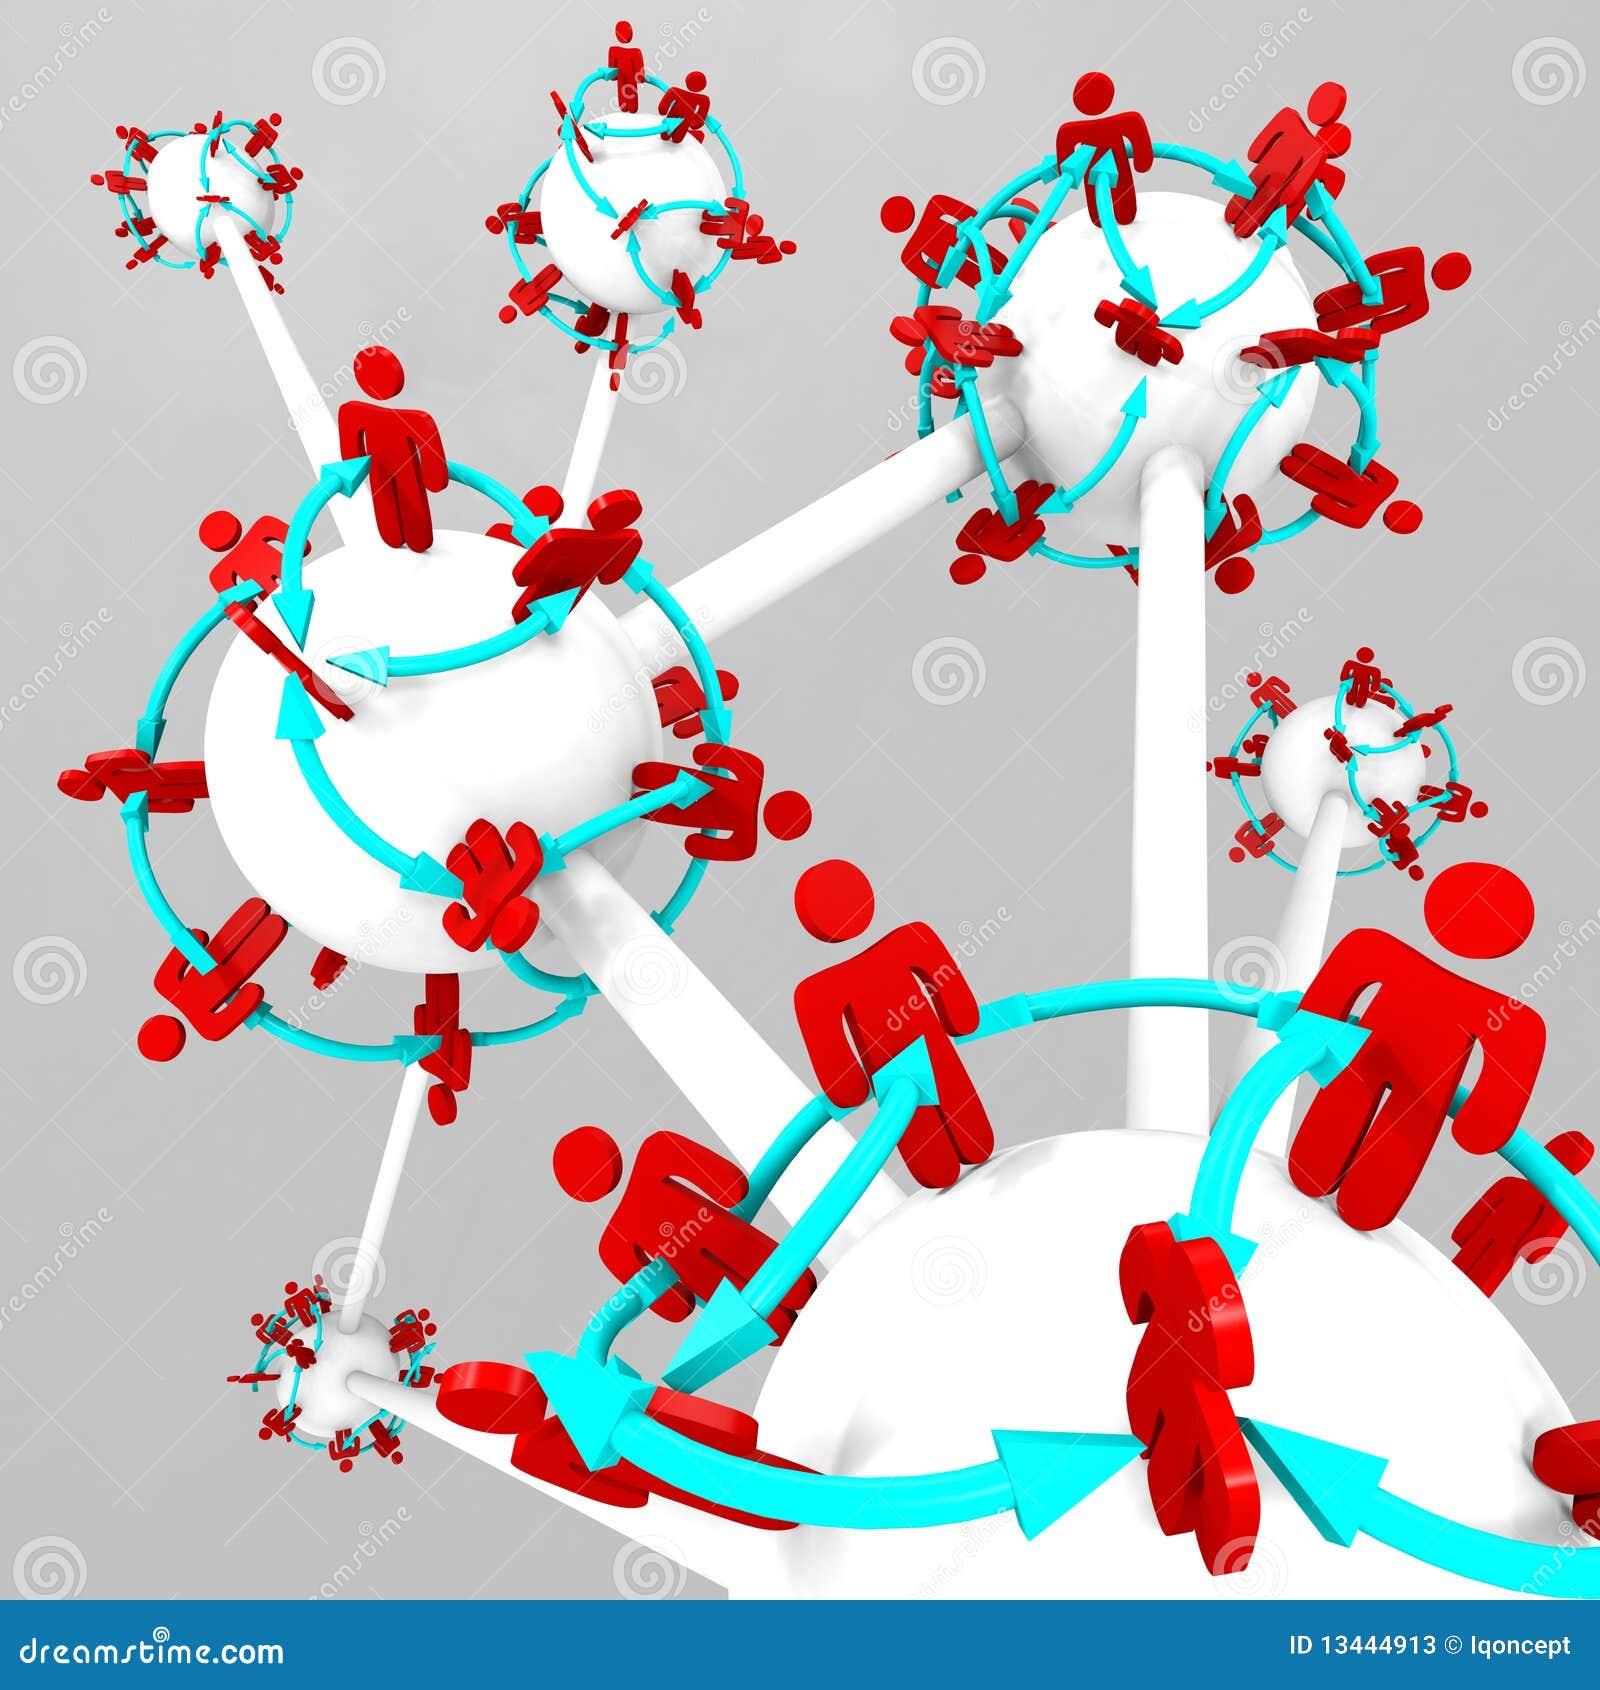 Mucha gente conectada en los mundos conectados